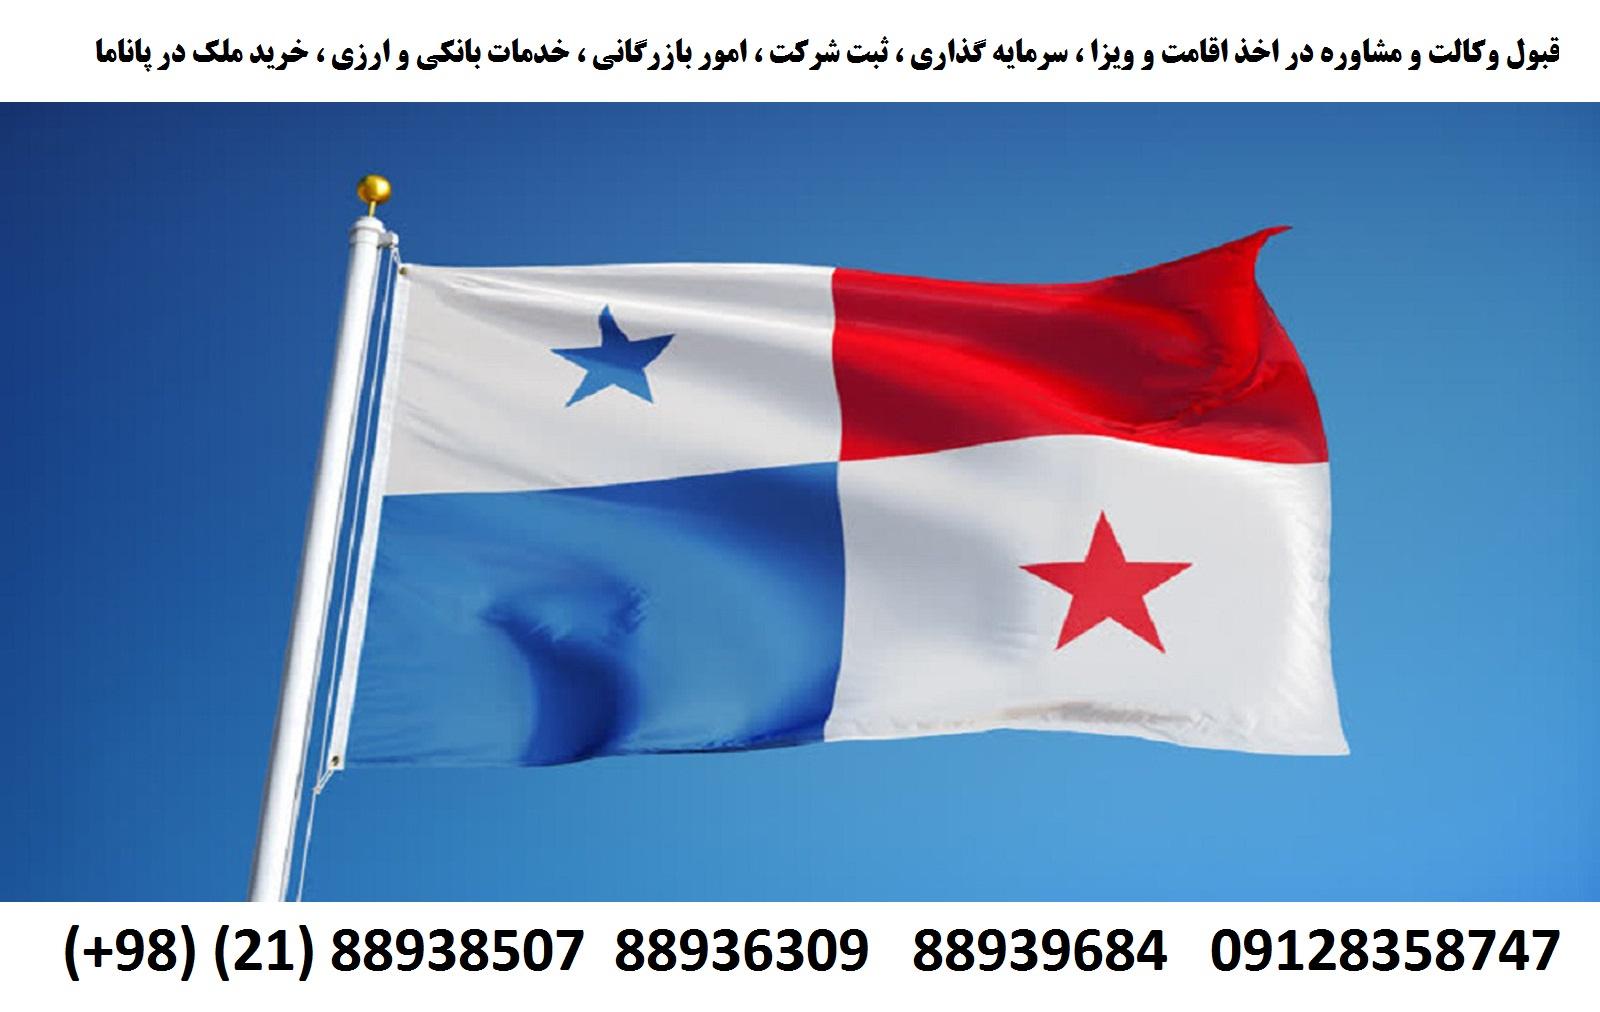 ثبت شرکت ، نمایندگی ، صادرات و واردات ،تحصیلی در پاناما (2)